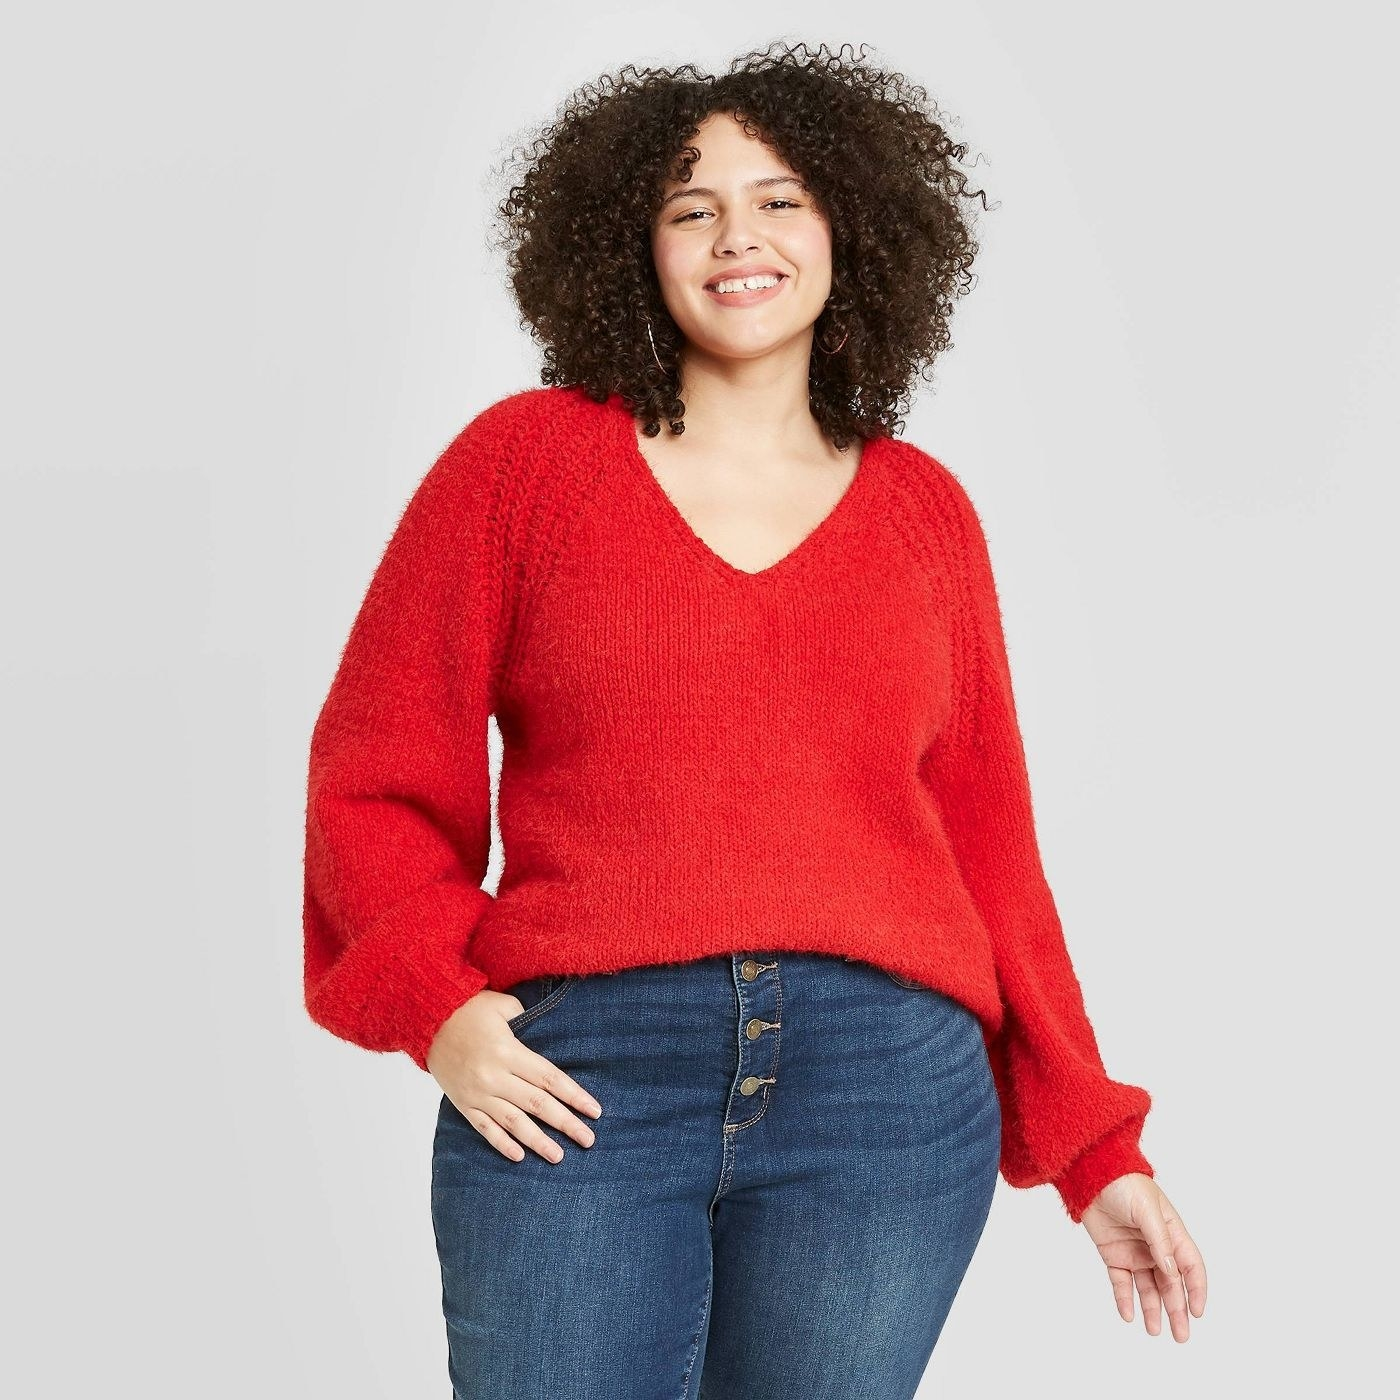 Model in v-neck sweater